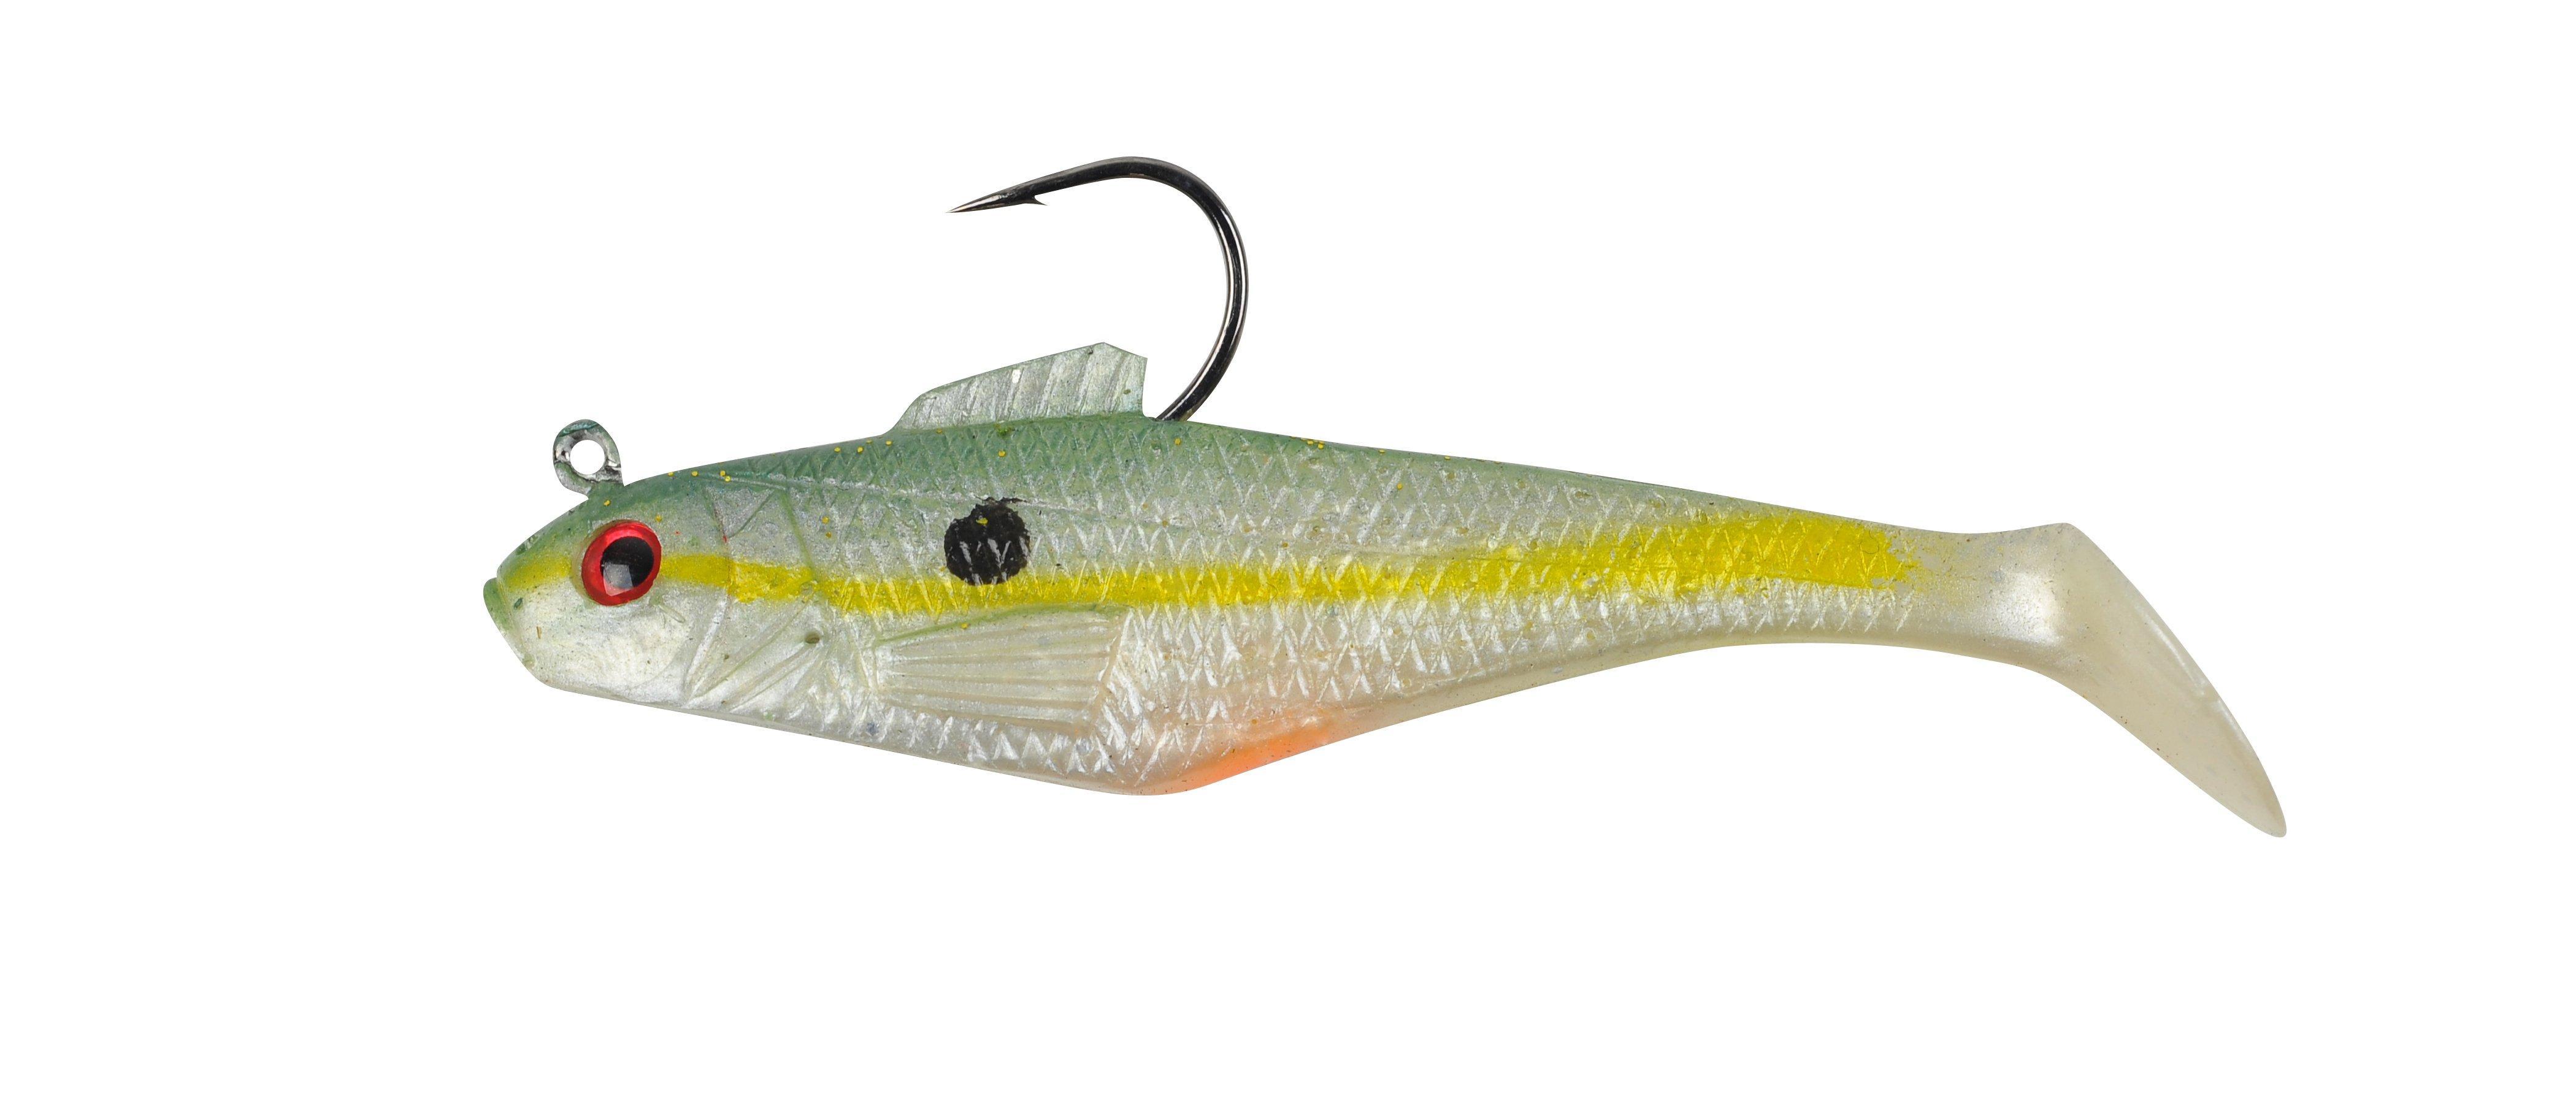 Details about  /Berkley Power Bait Ripple Azov rubber fish with Flavour Various Varieties show original title